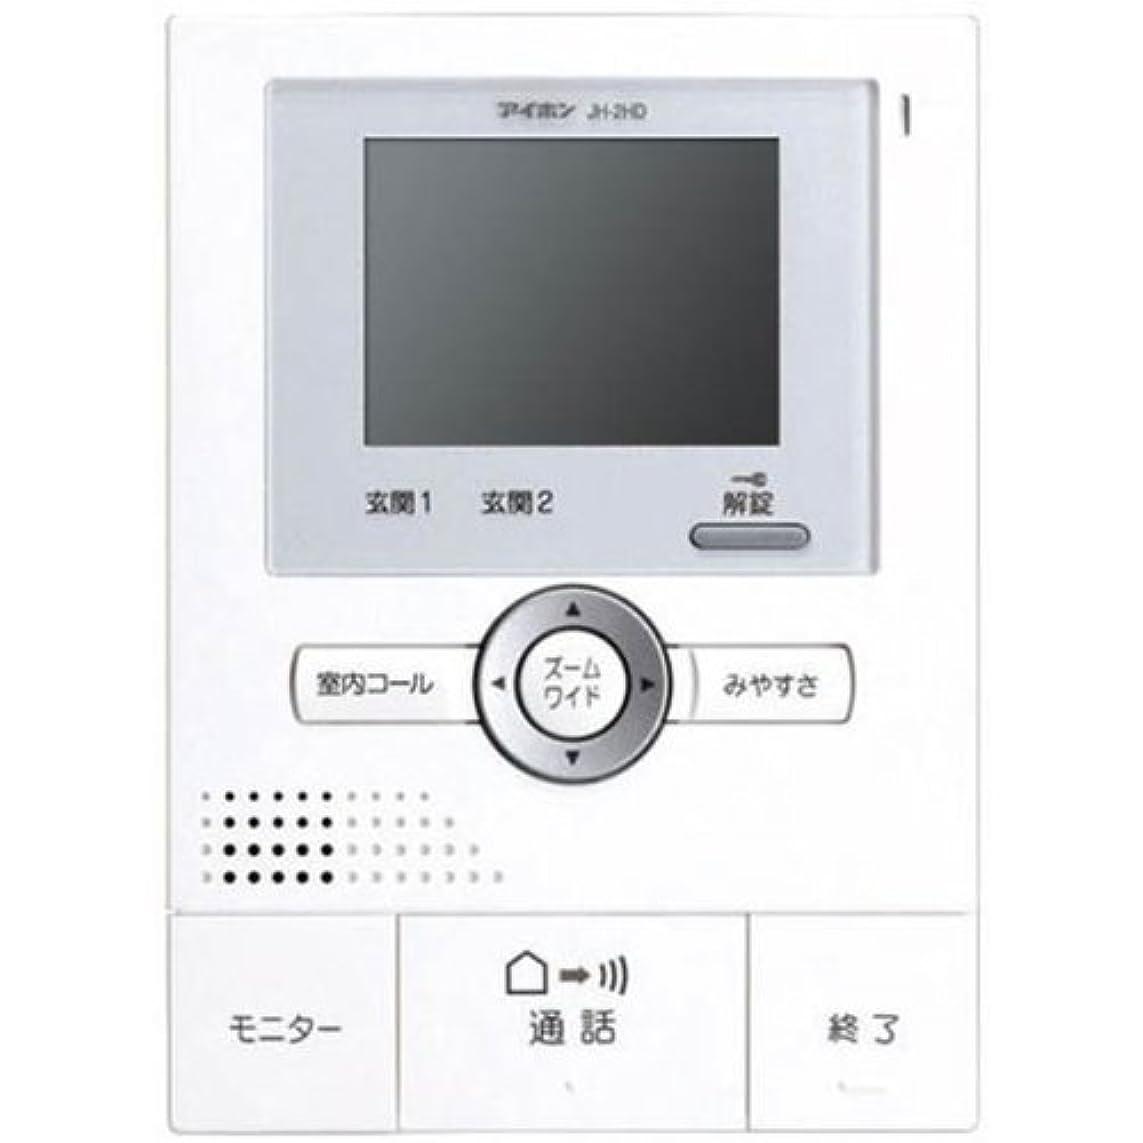 腹部爆発する廊下アイホン 【JH-2HD-T】 ROCOワイド録画2?4 モニター付増設親機